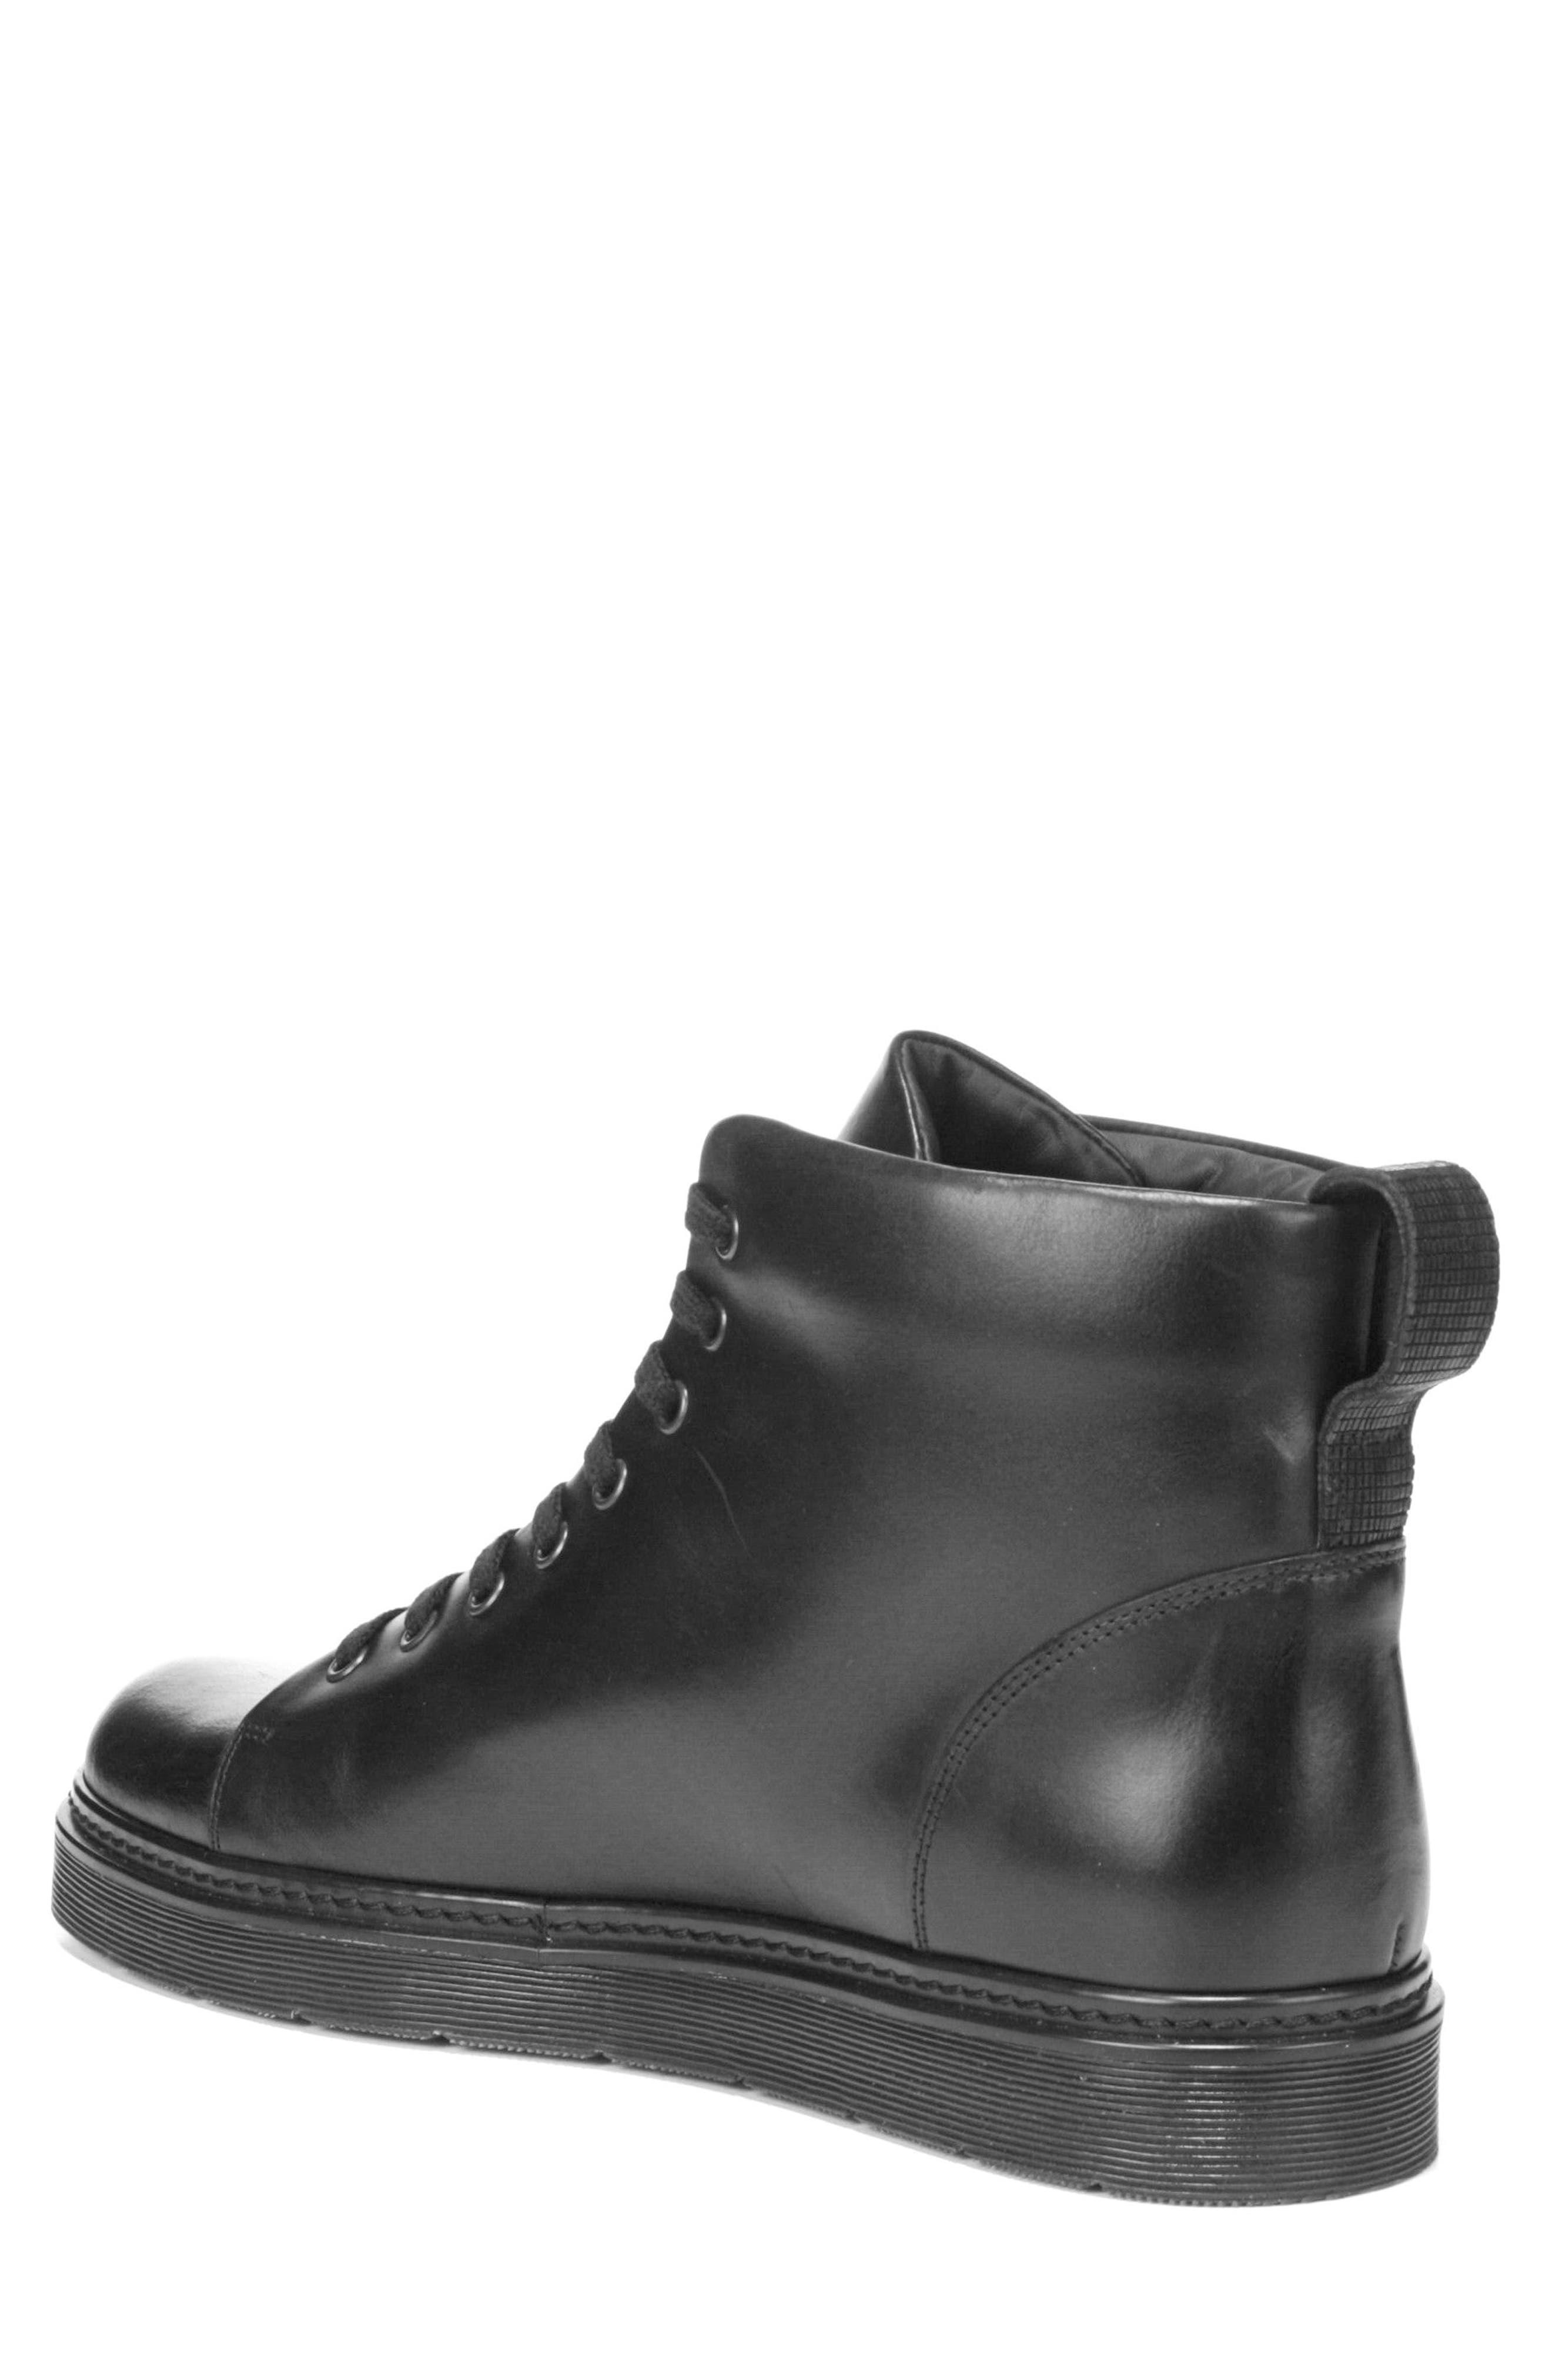 Malone Plain Toe Boot,                             Alternate thumbnail 2, color,                             001